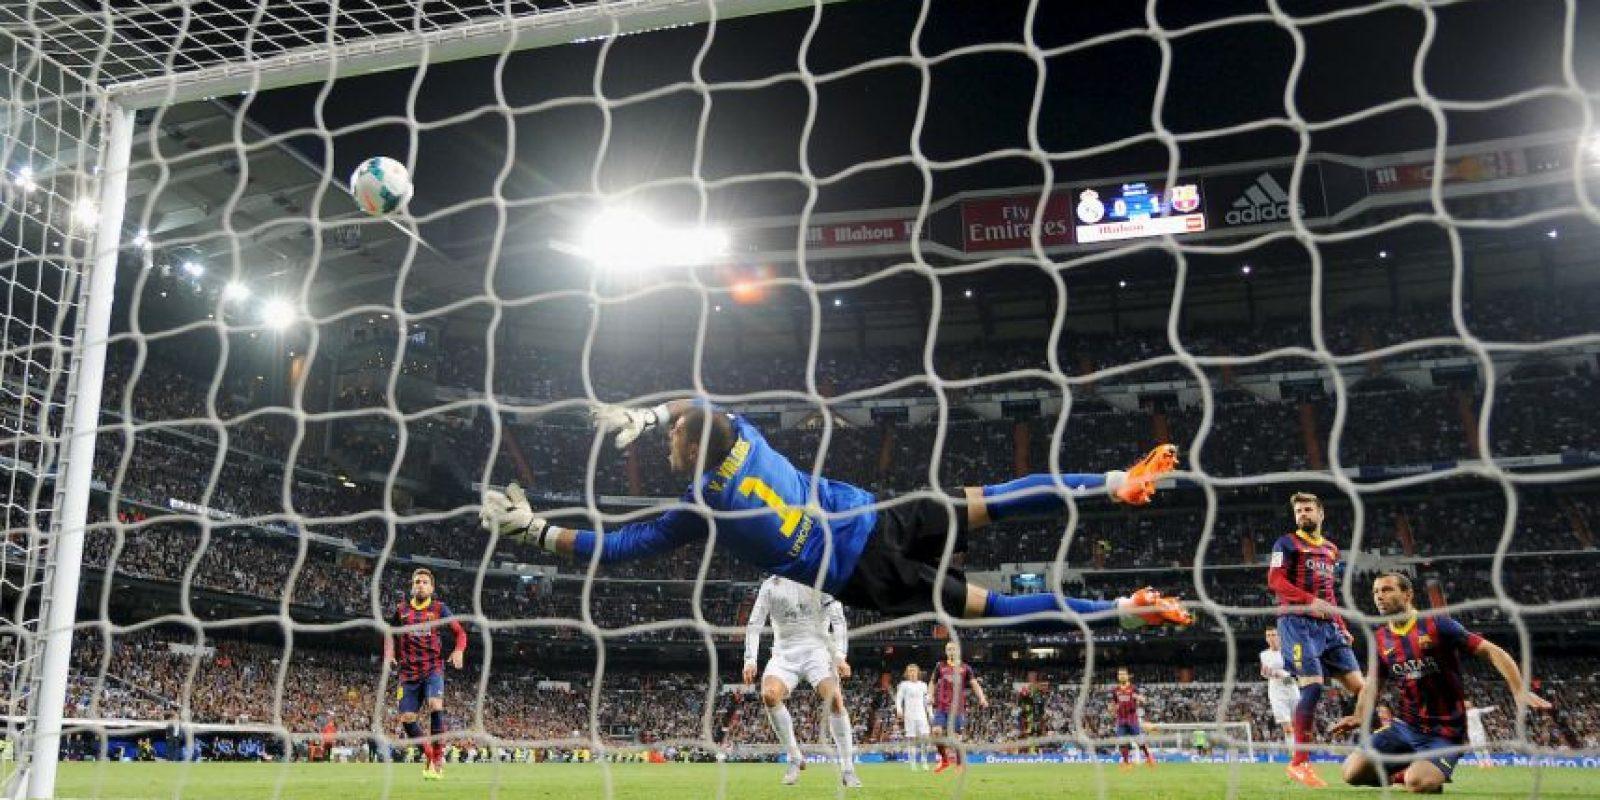 Víctor Valdés es el mejor portero de todos los tiempos del fútbol ibérico Foto:Getty